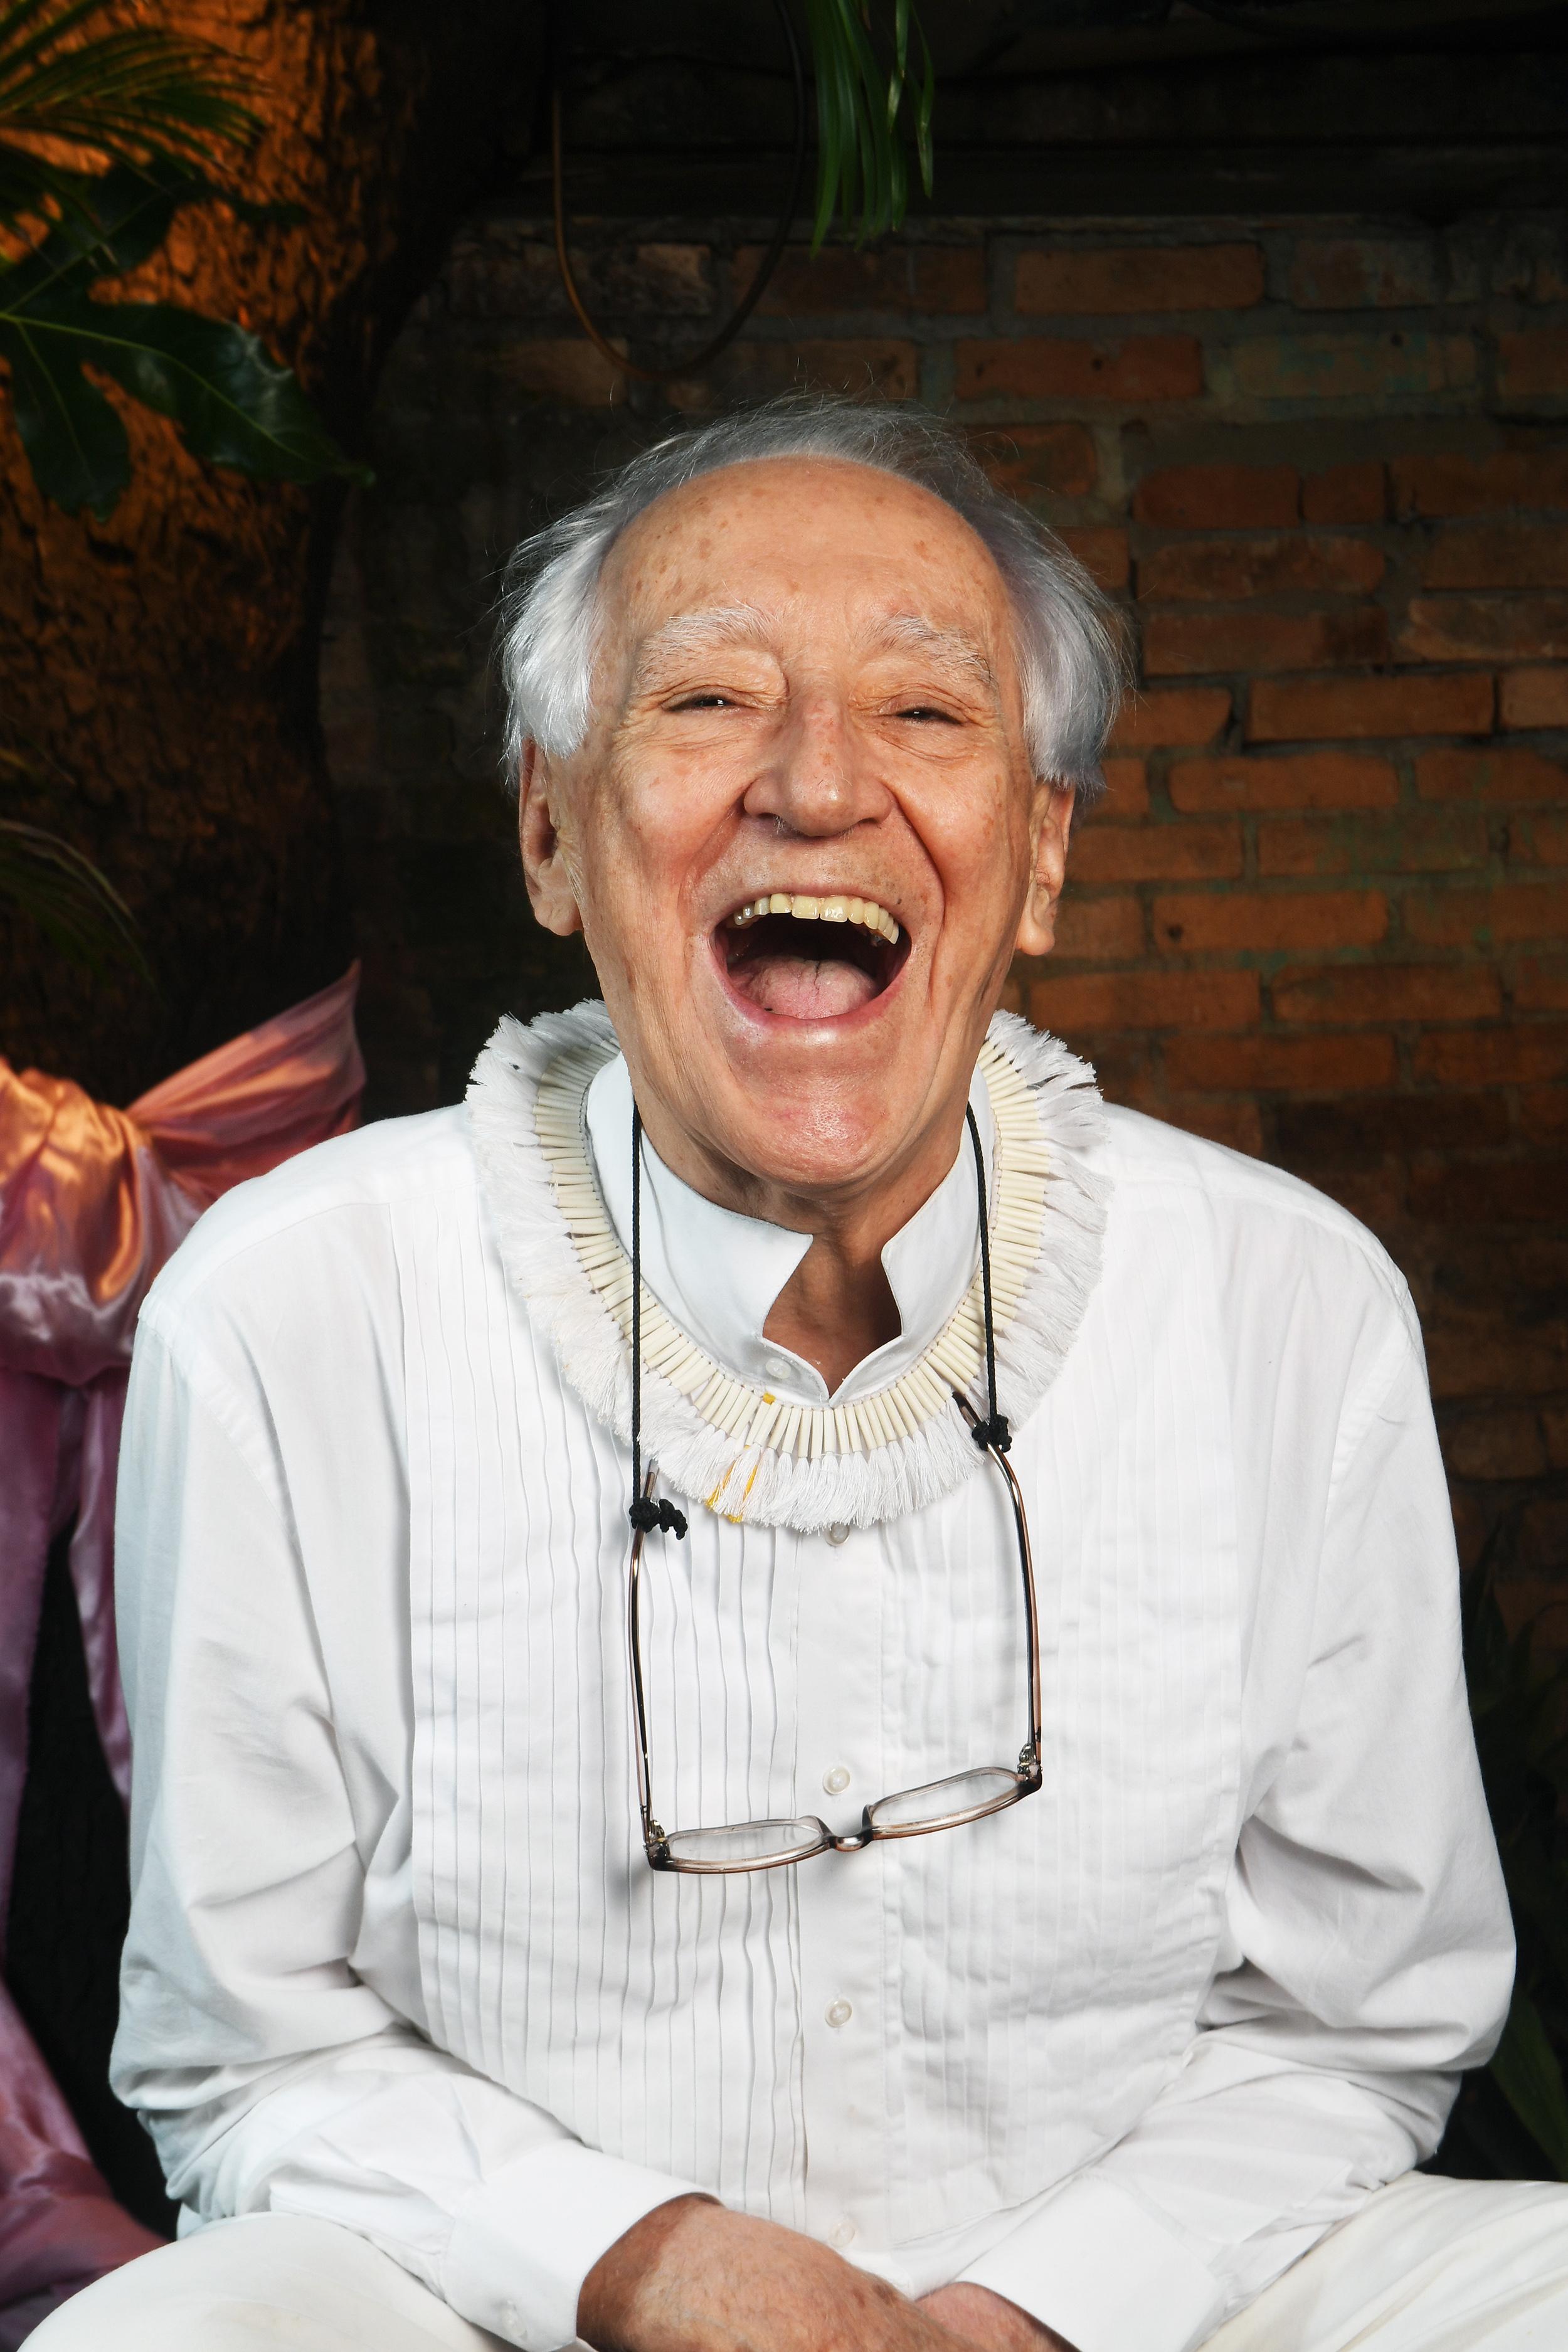 O dramaturgo Zé Celso, diretor do Teatro Oficina, em entrevista exclusiva ao site de VEJA